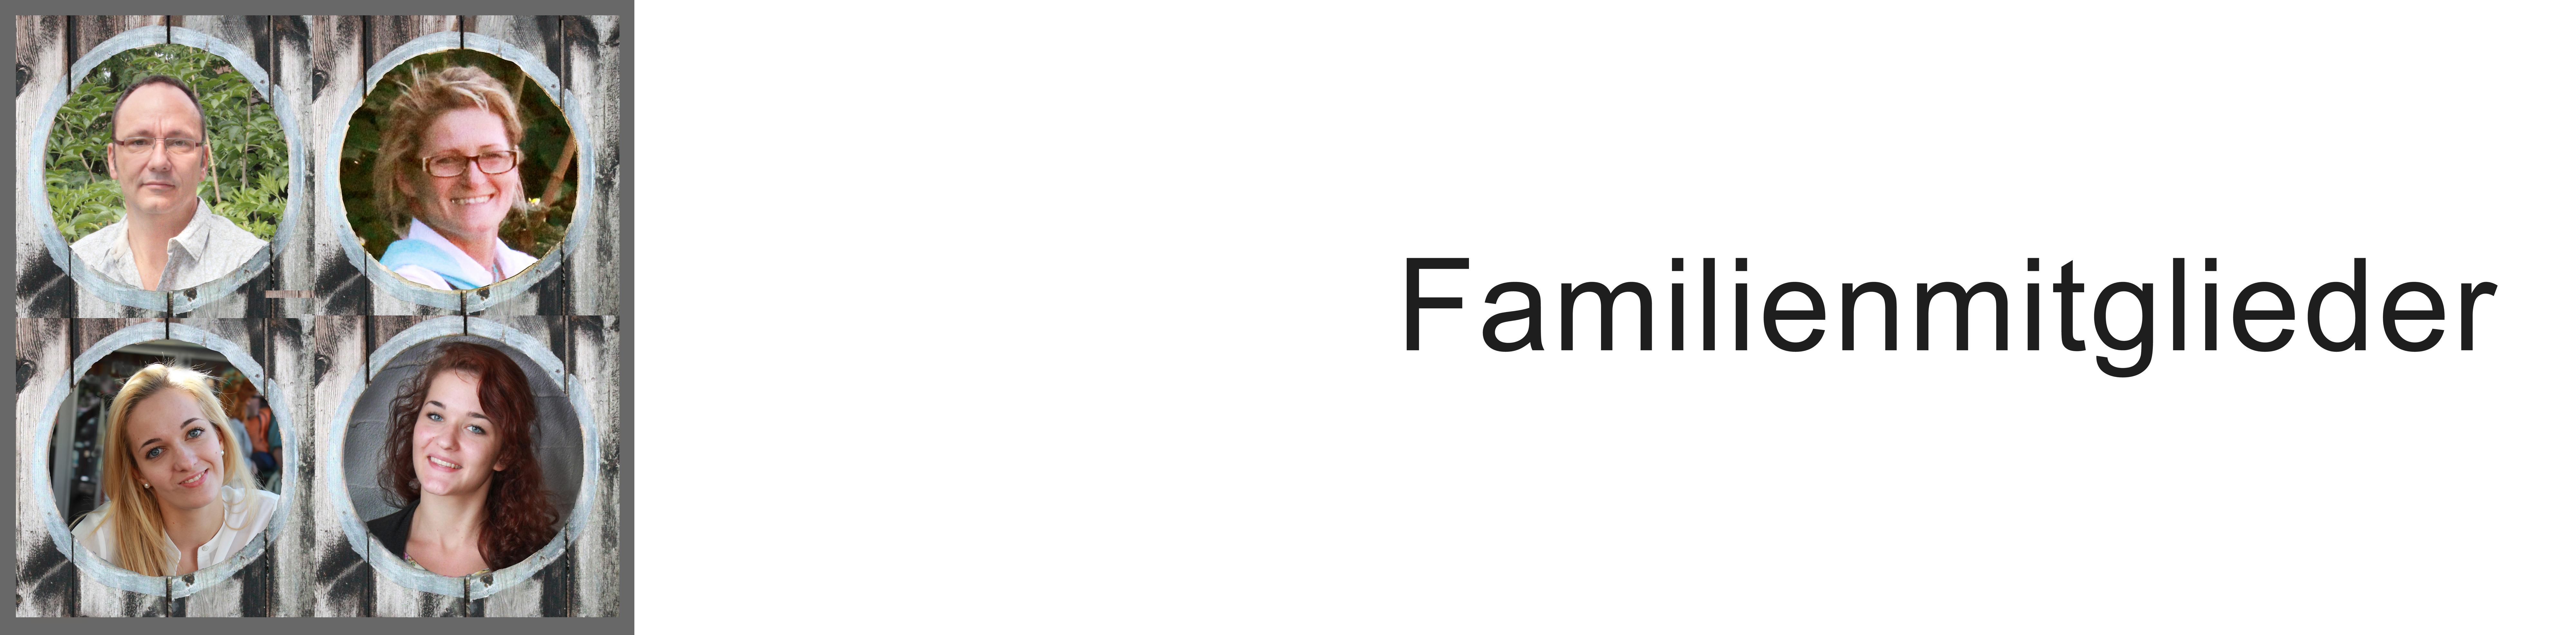 Familienmitglieder - Passwortgeschützt